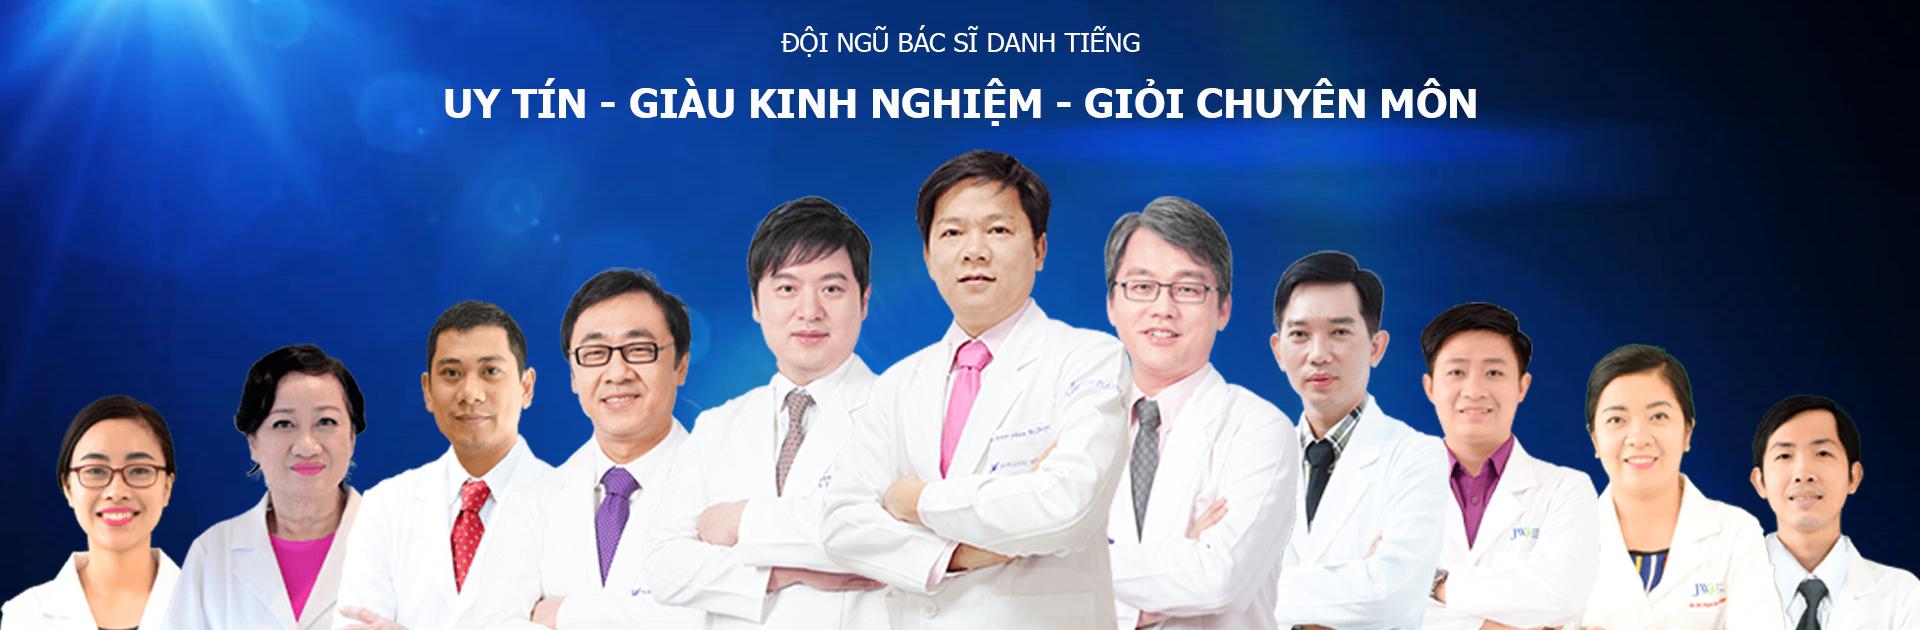 Thẩm mỹ mắt đẹp với chuyên gia tại bệnh viện hàng đầu Việt Nam-5